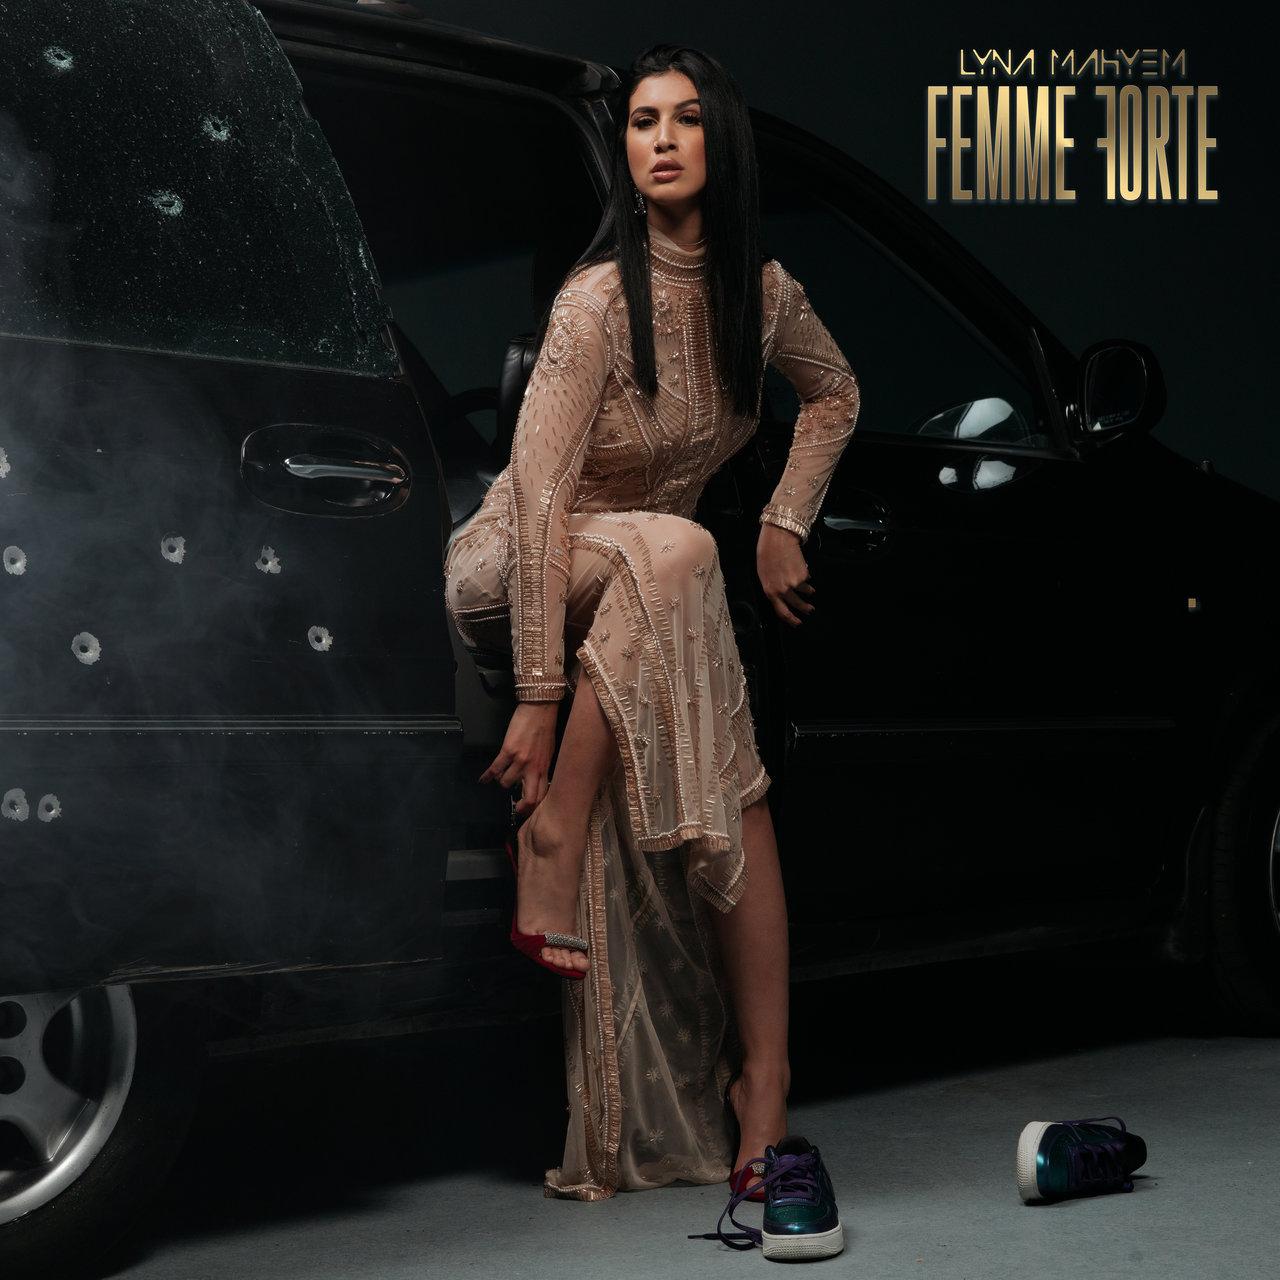 Lyna Mahyem - Femme Forte (Cover)